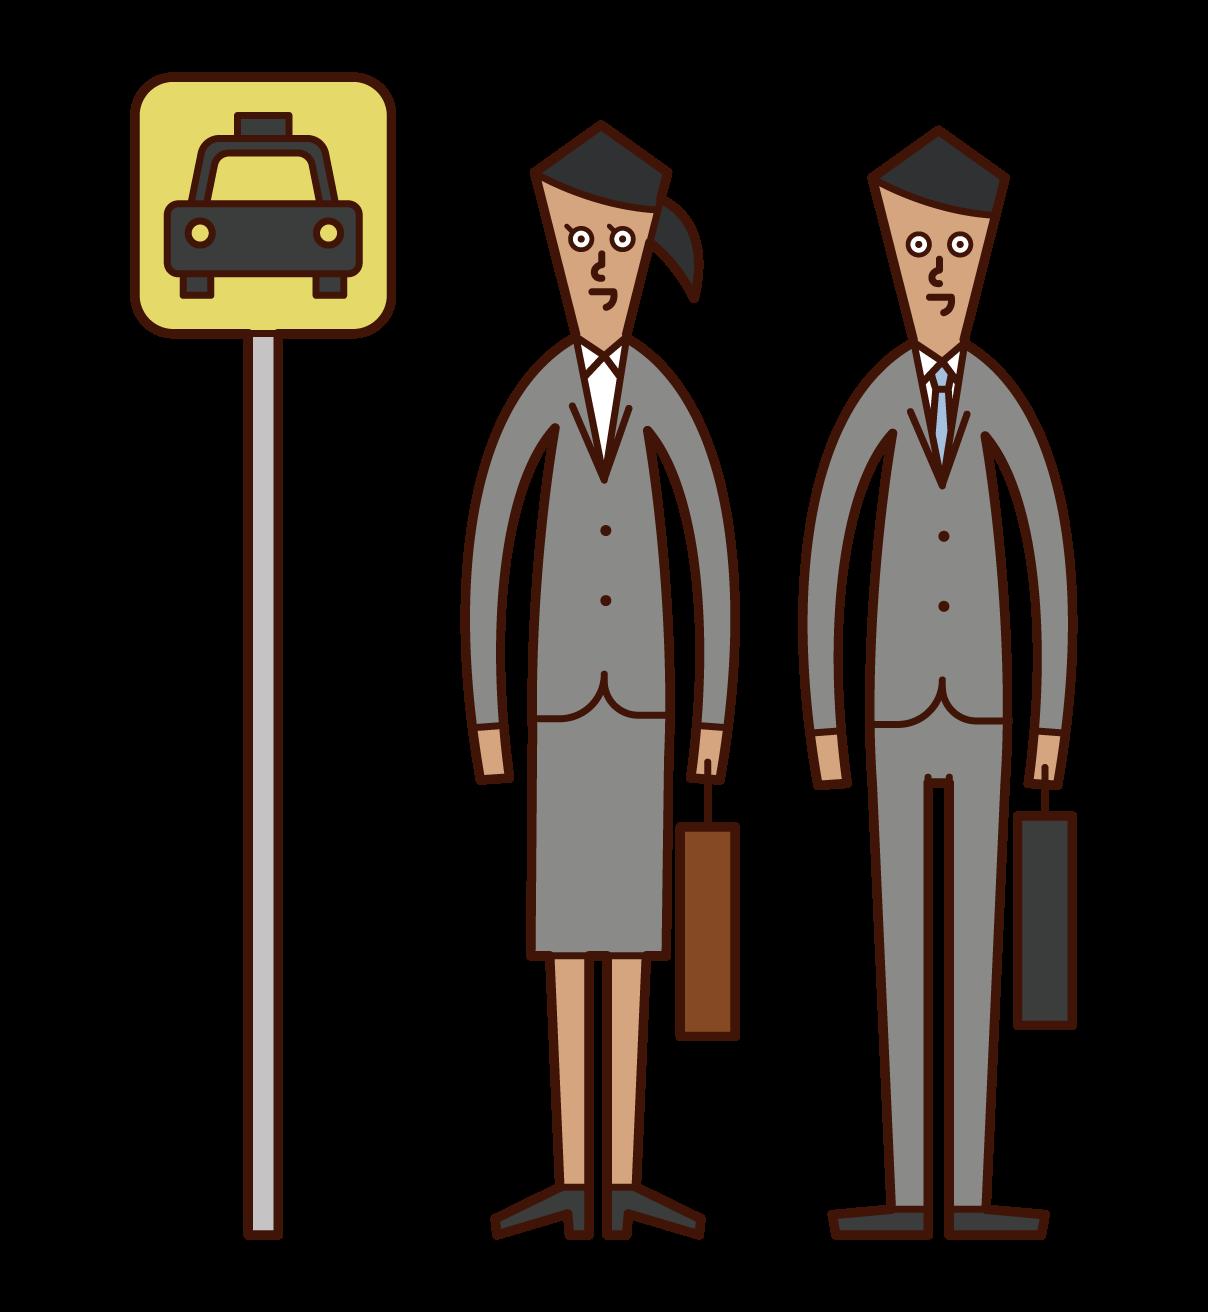 택시 정류장에서 택시를 타는 사람들의 그림